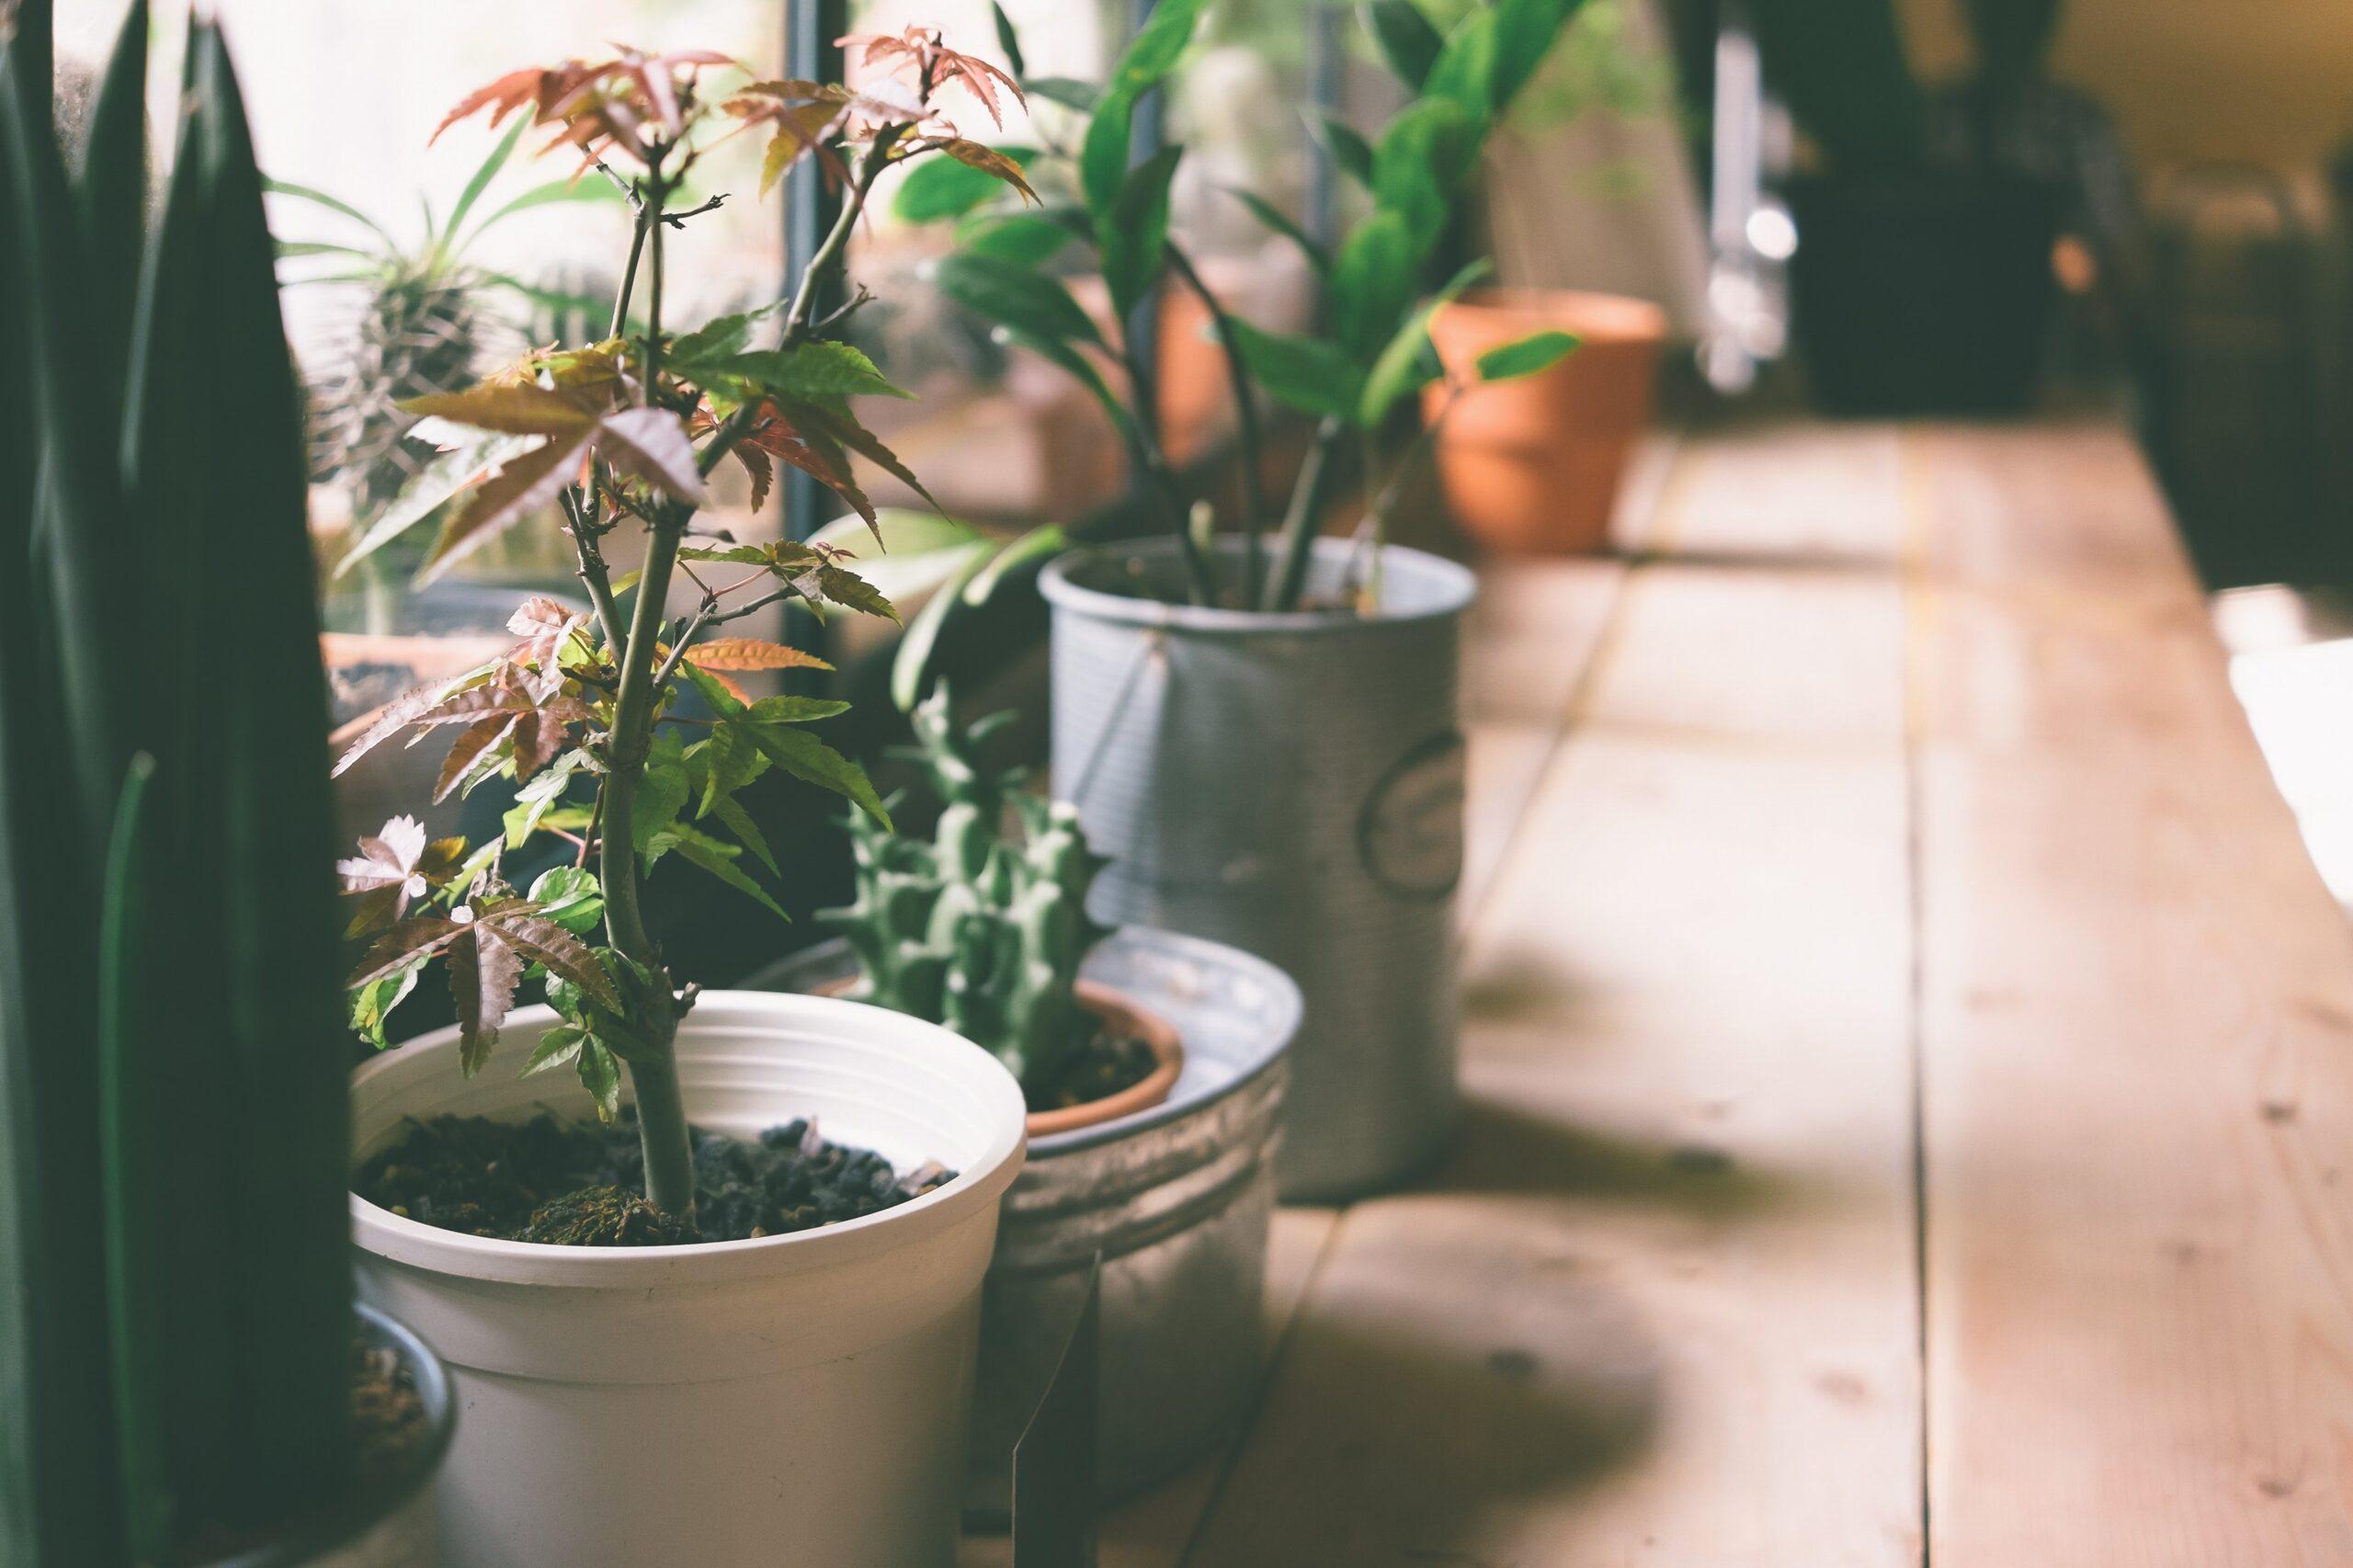 Full Size of Bewässerung Balkon Pflanzen Im Urlaub Tipps Zur Pflanzenbeswsserung In Ihrer Bewässerungssysteme Garten Bewässerungssystem Automatisch Test Wohnzimmer Bewässerung Balkon